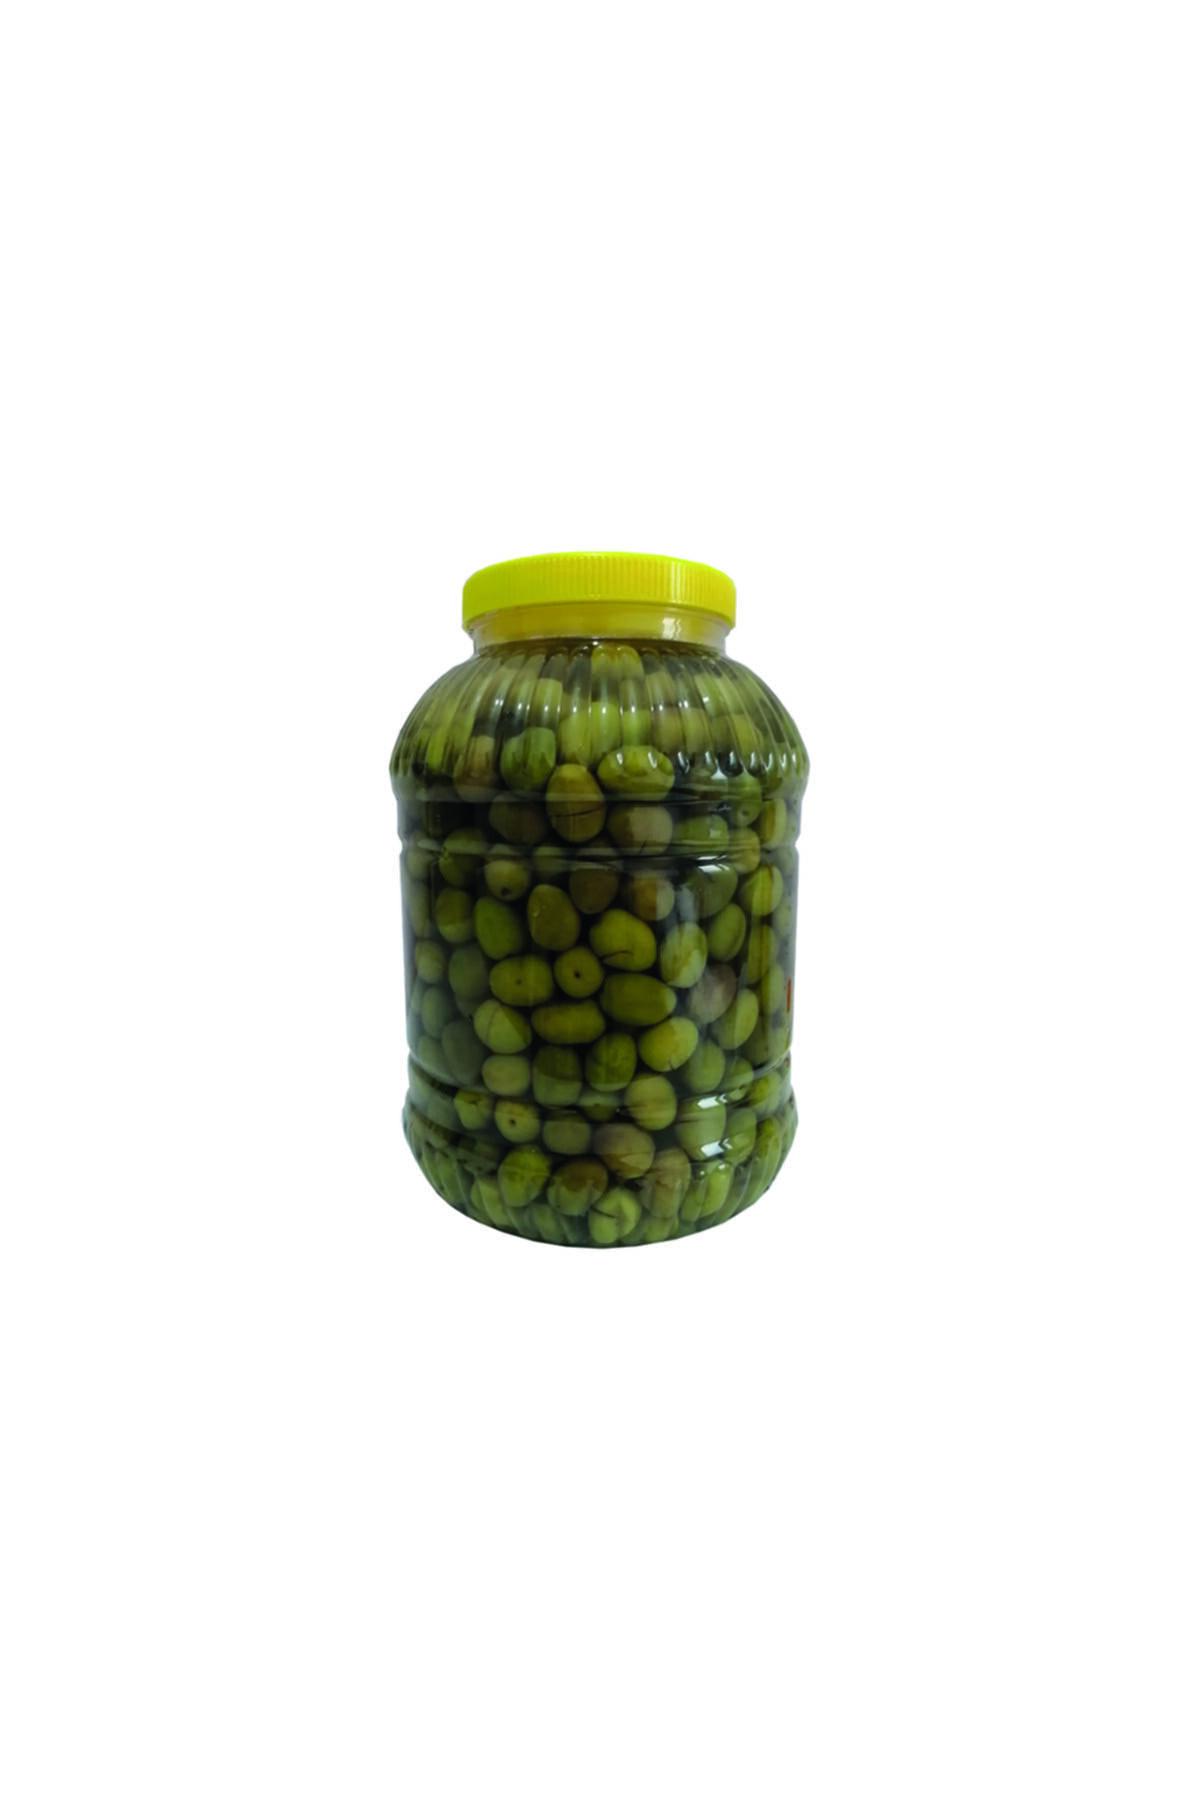 zeytindalı Nazilli 5kg Ev Yapımı Kırma Zeytin 1